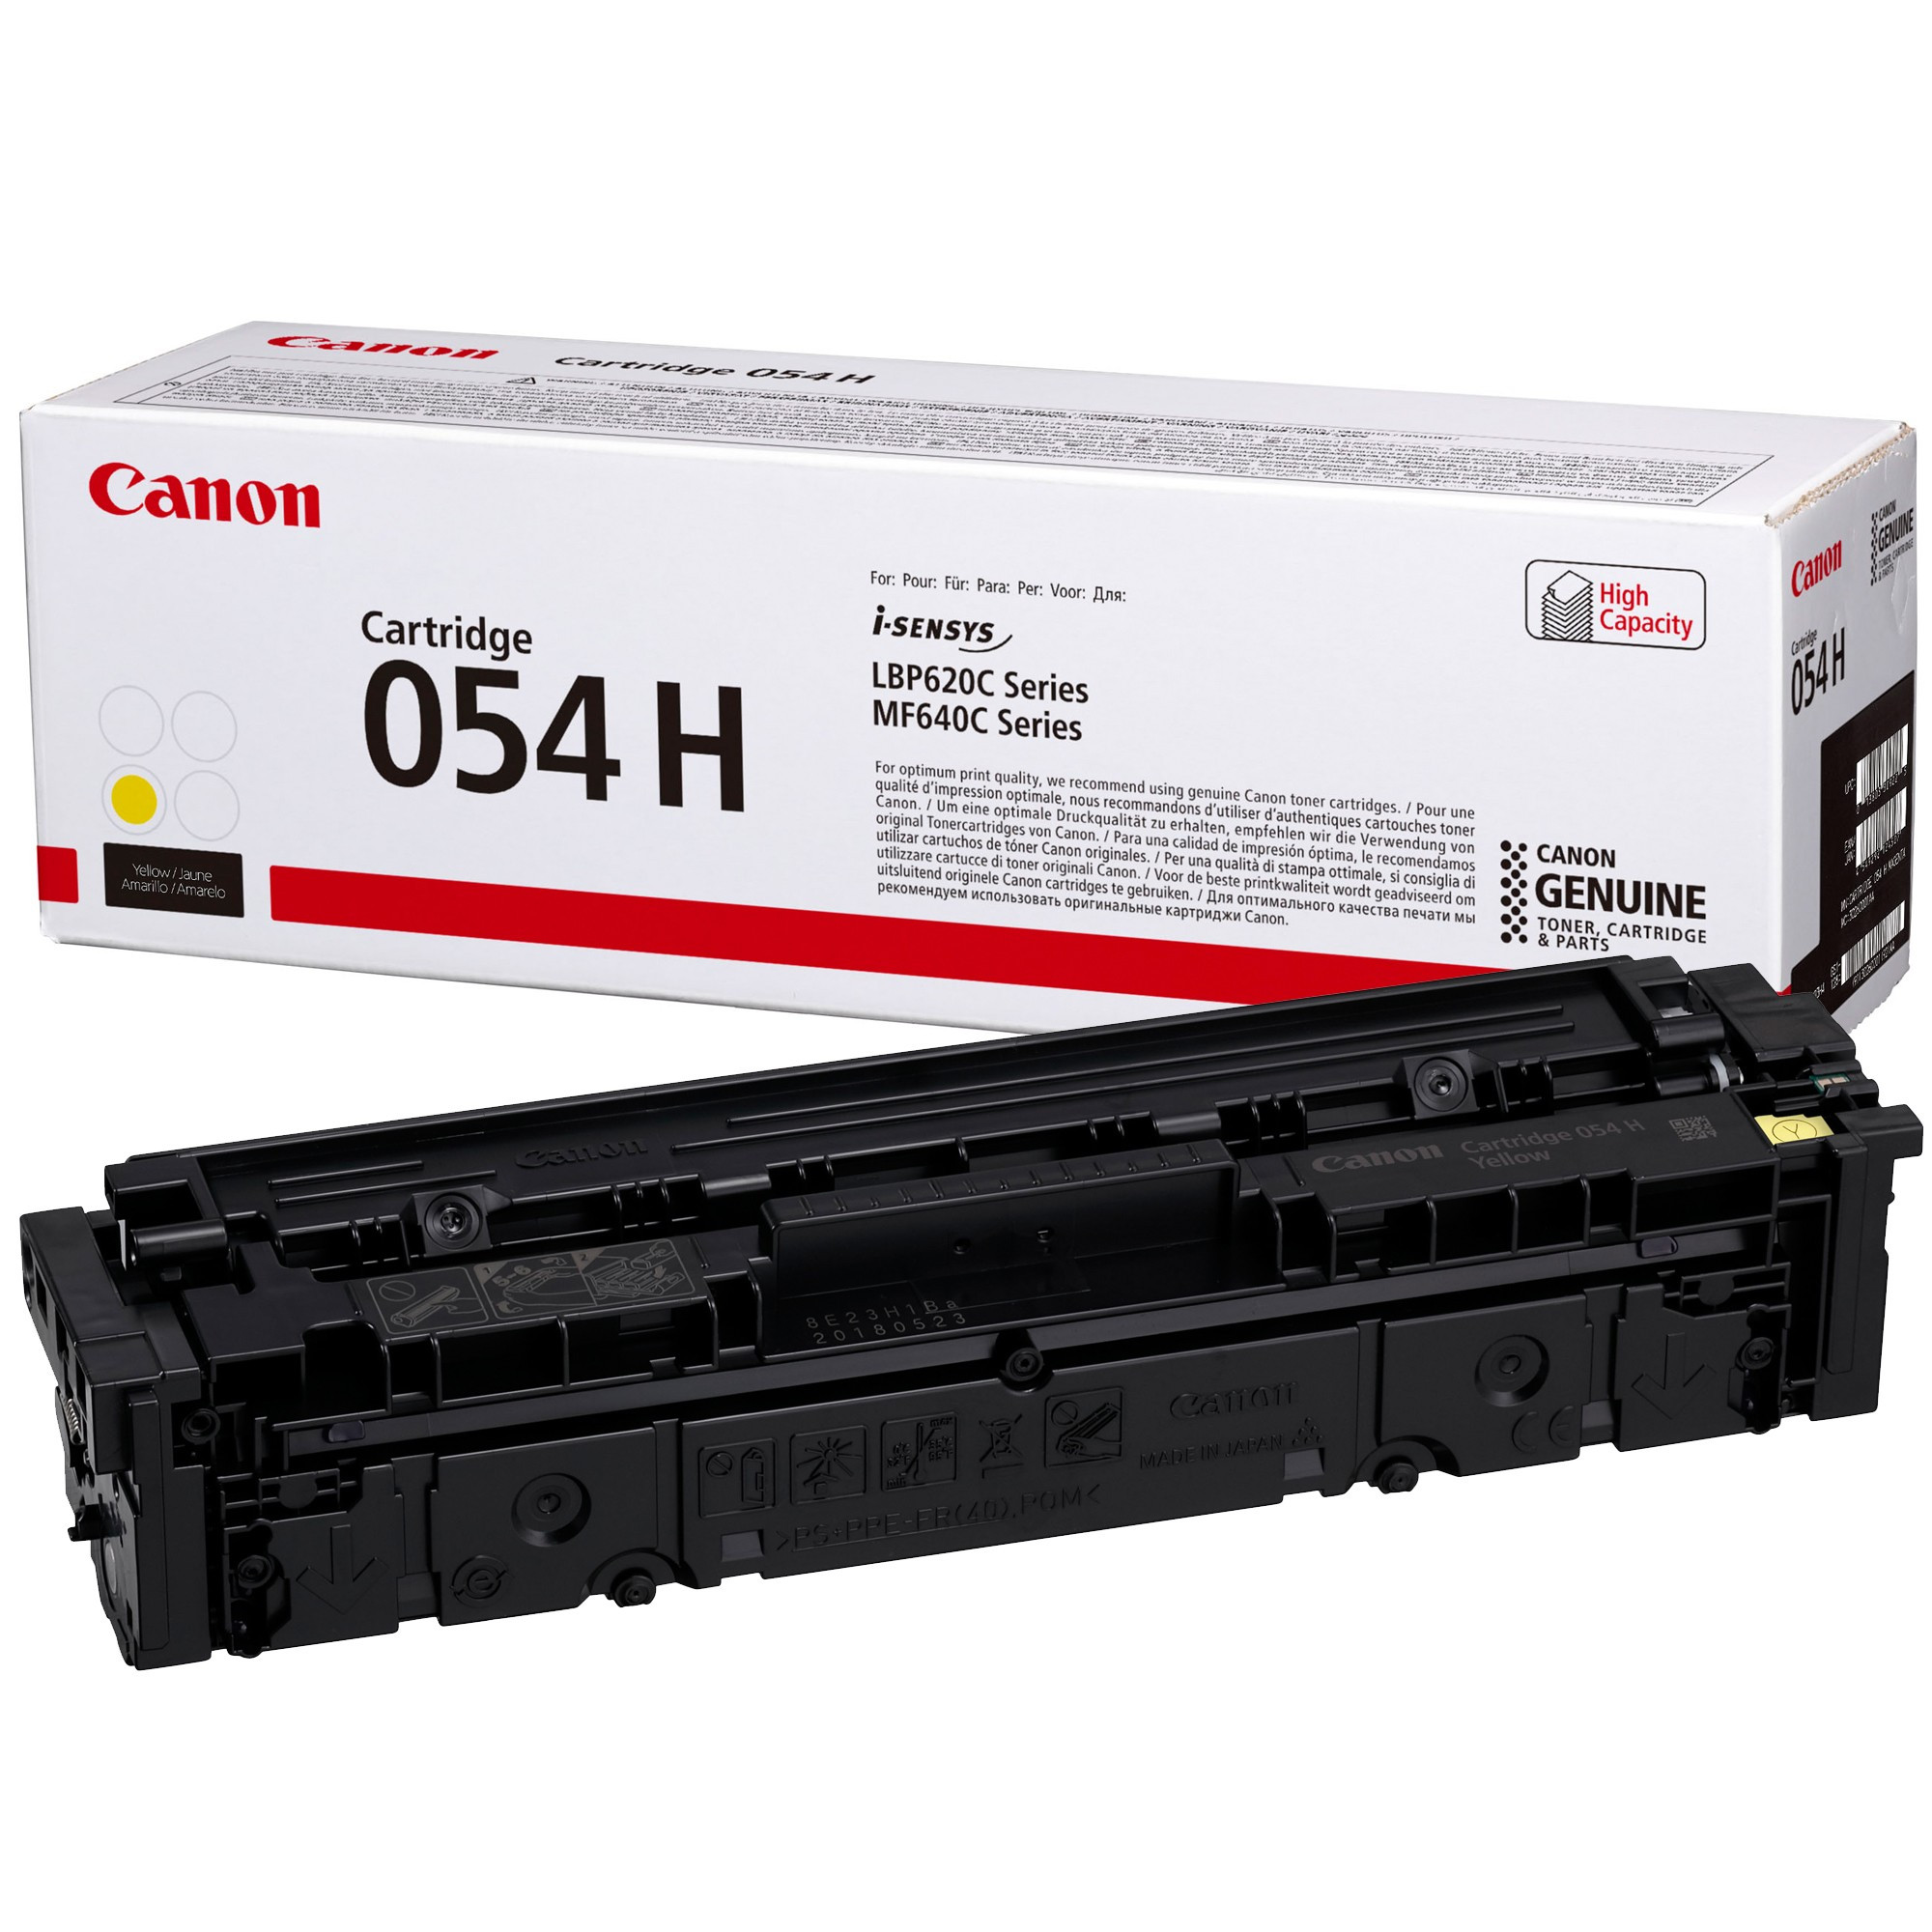 Canon CRG054H Toner - festékkazetta 2,3K sárga (Yellow), eredeti